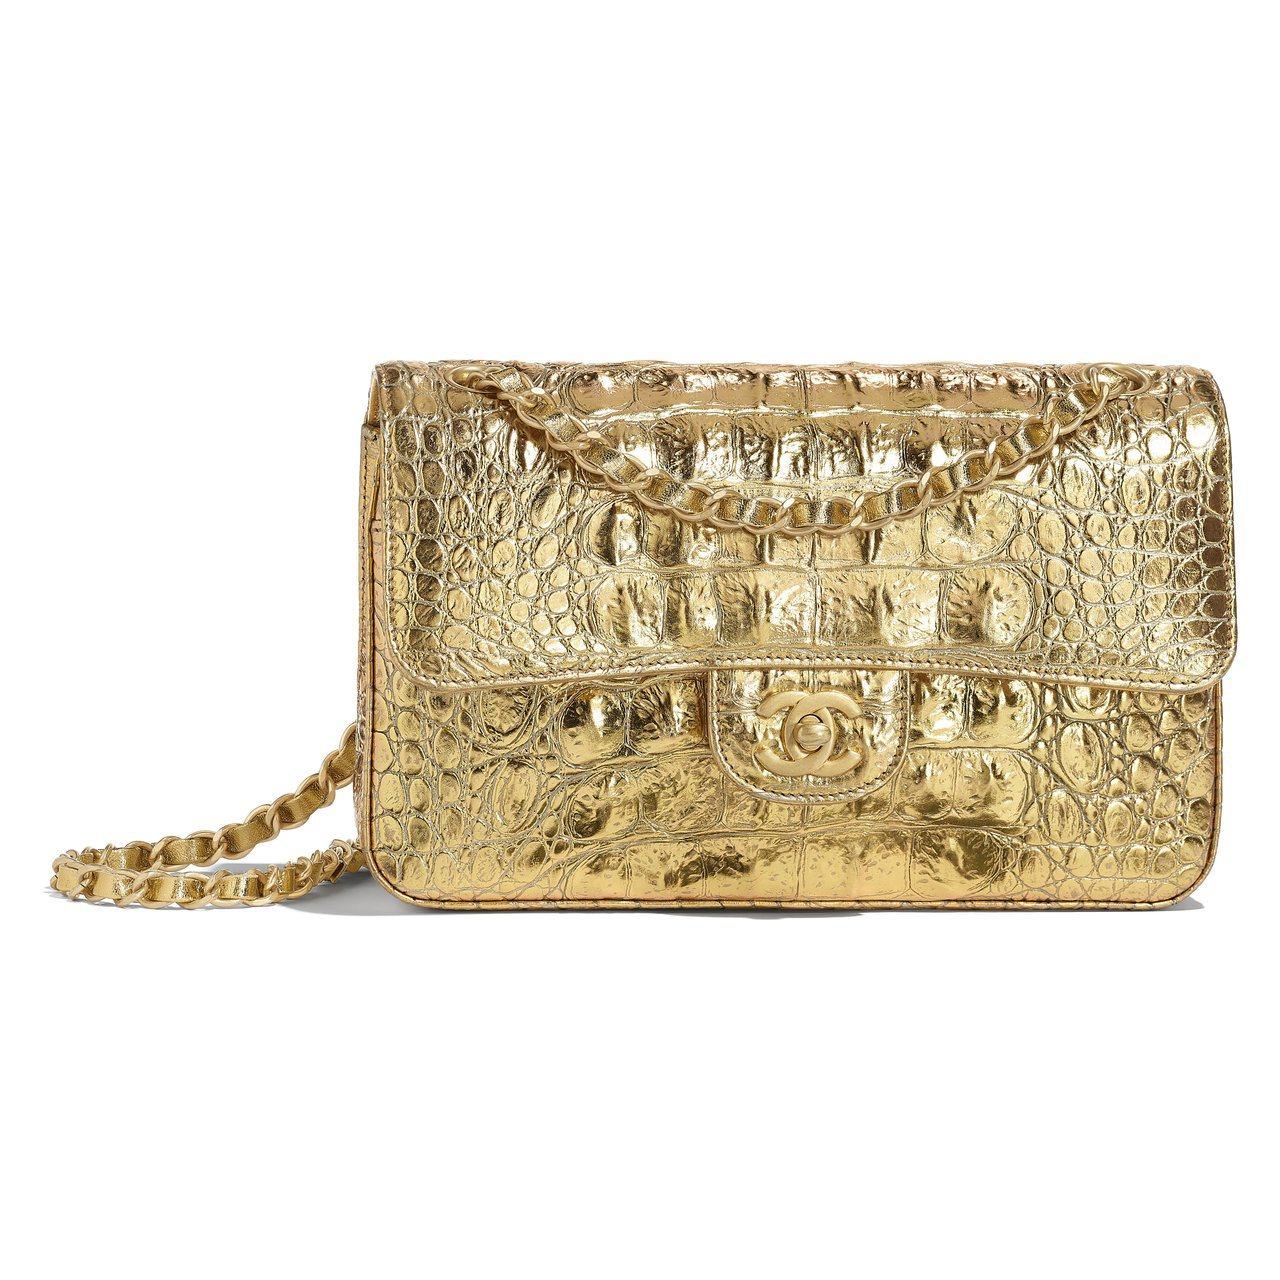 金色鱷魚皮革壓紋鍊帶11.12包,17萬2,700元。圖/香奈兒提供